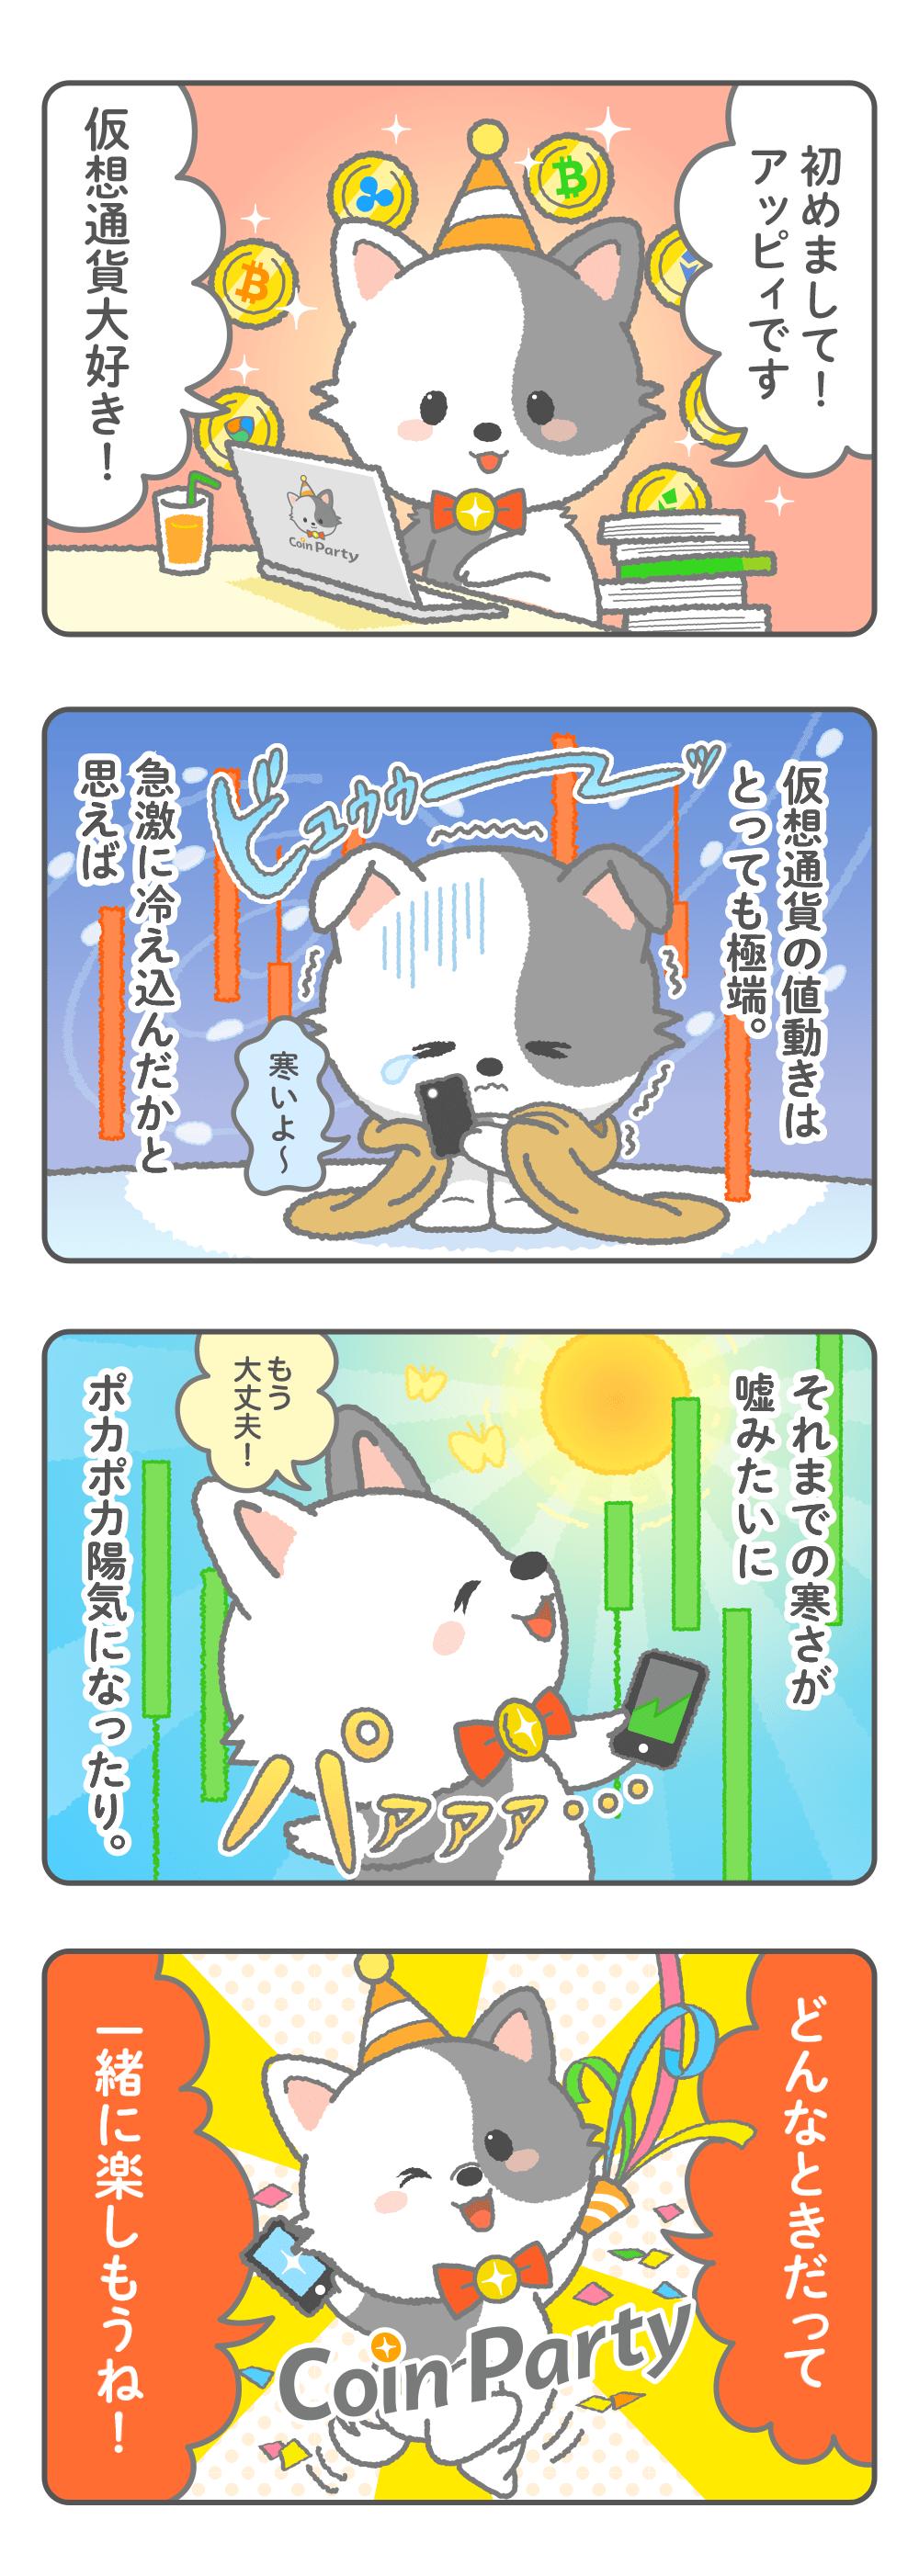 Comic min